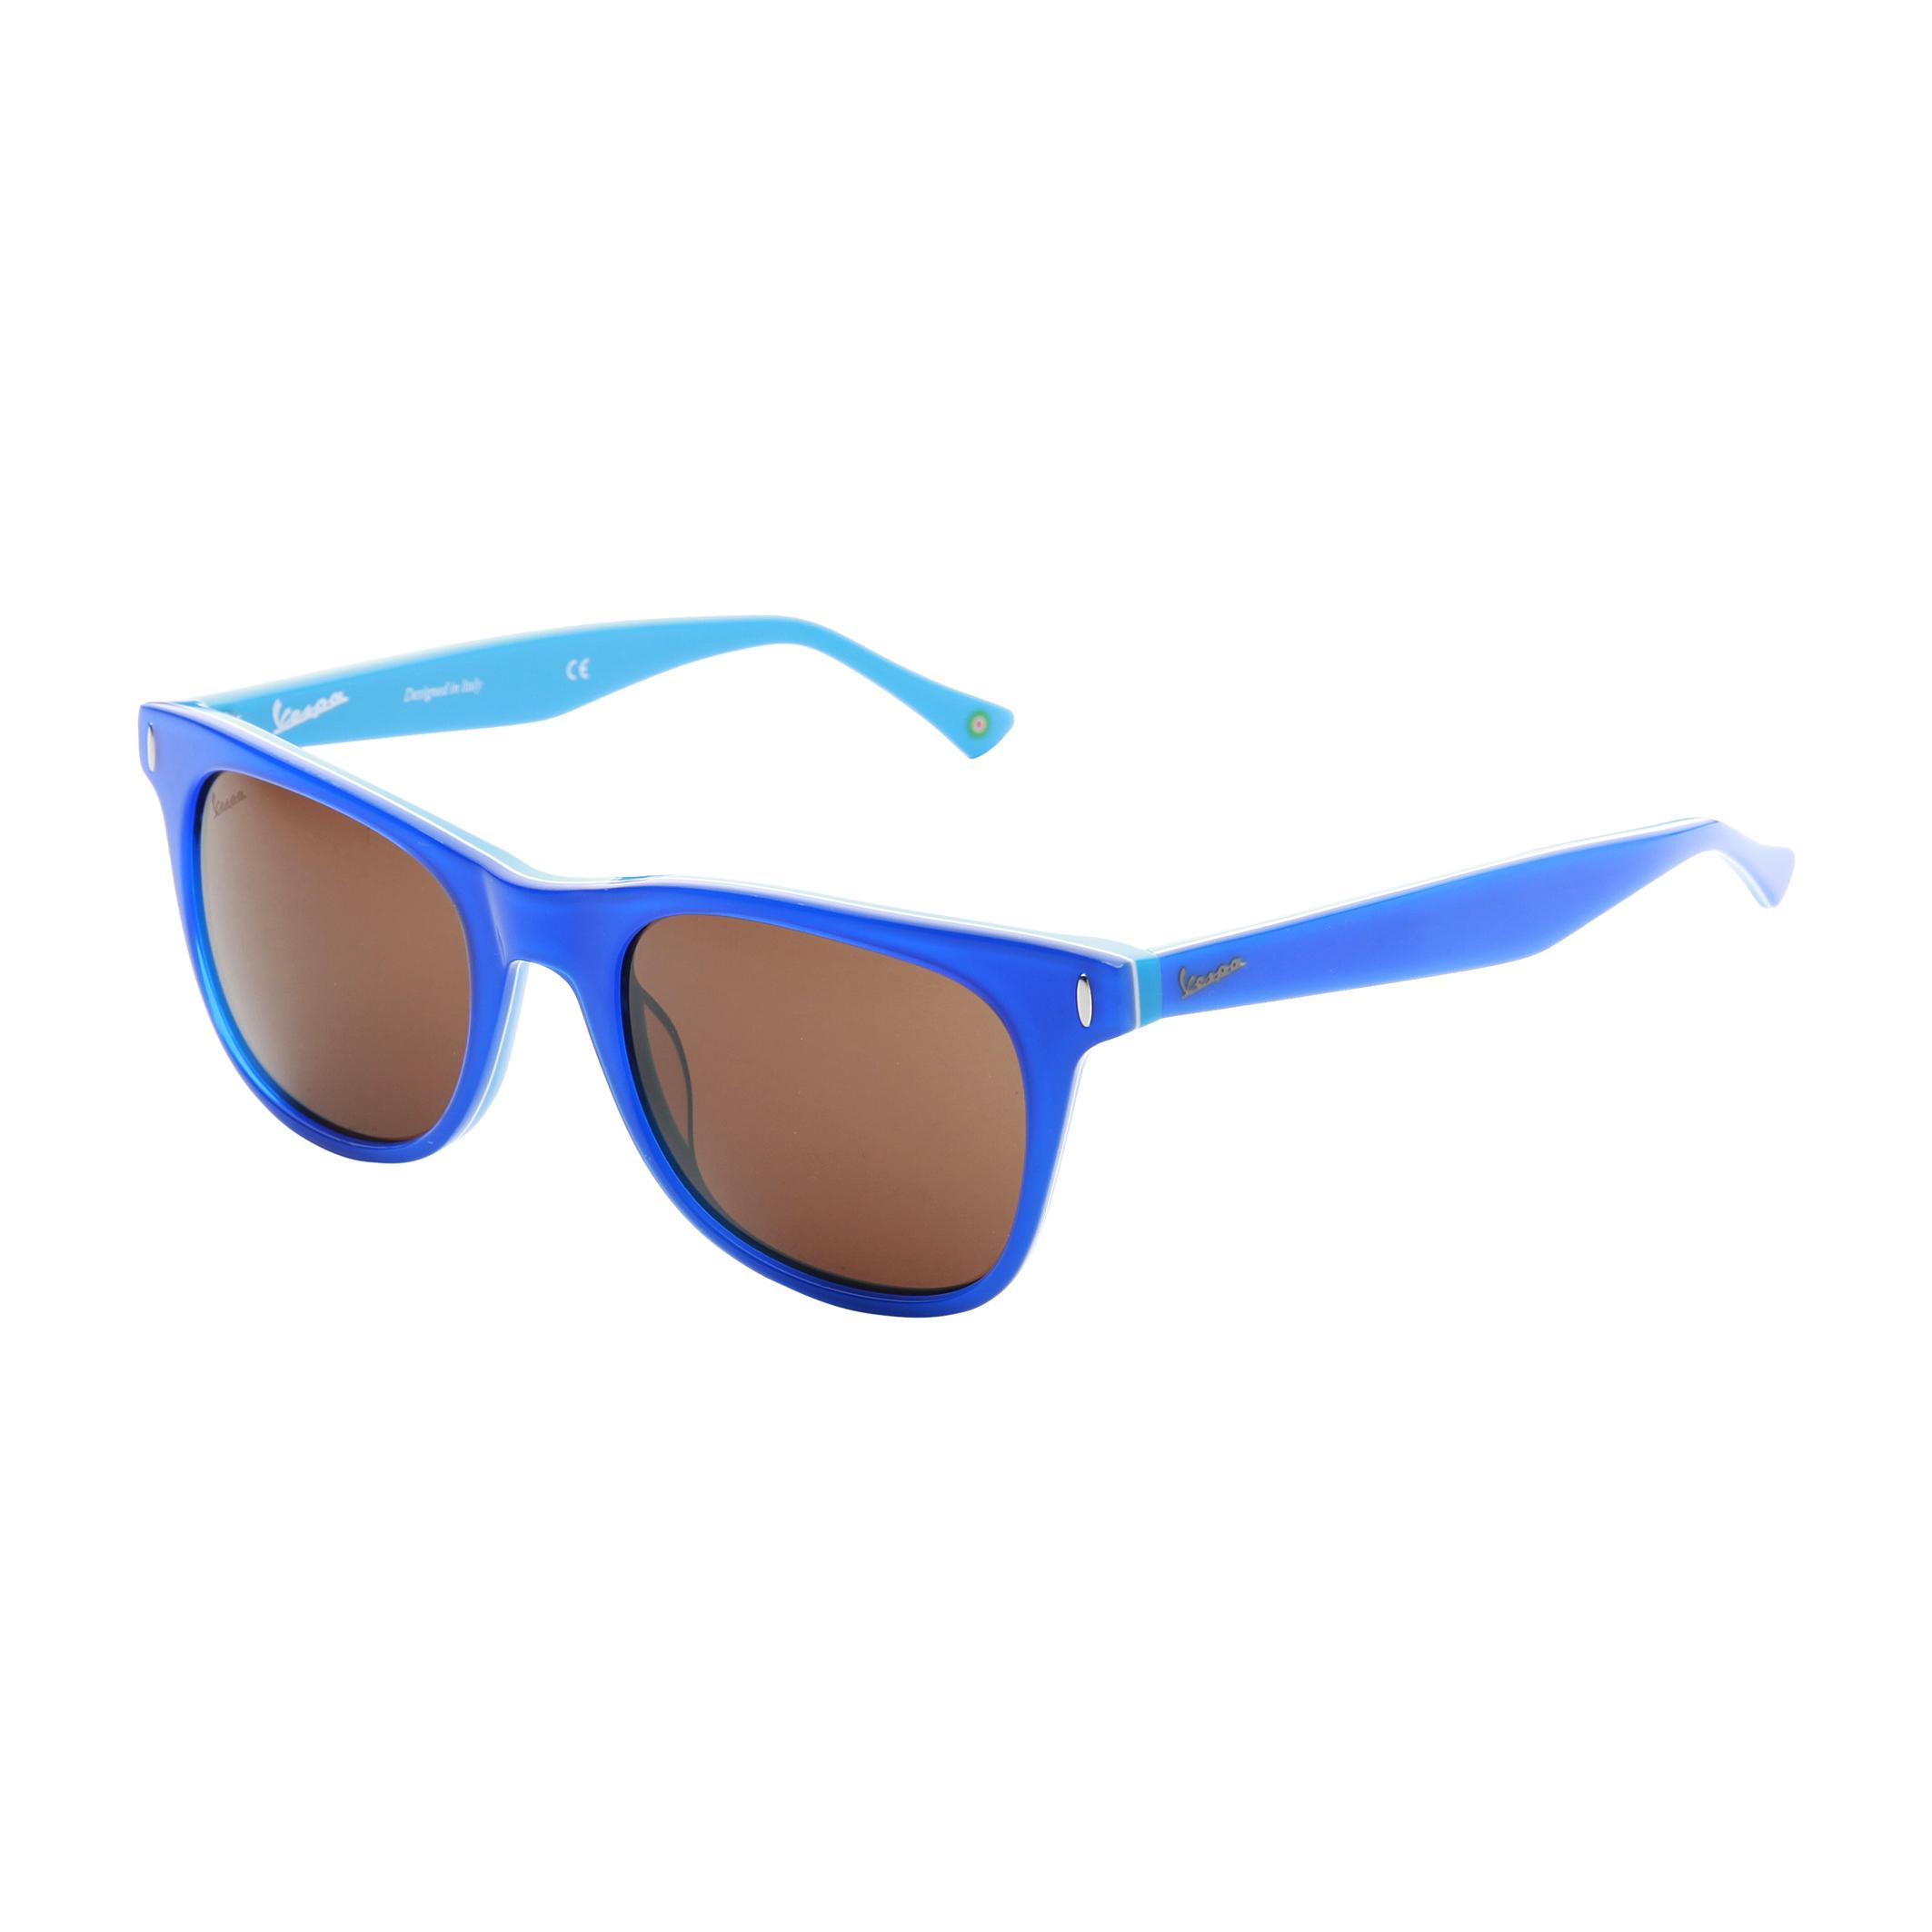 Lunettes de soleil  Vespa VP12CA blue